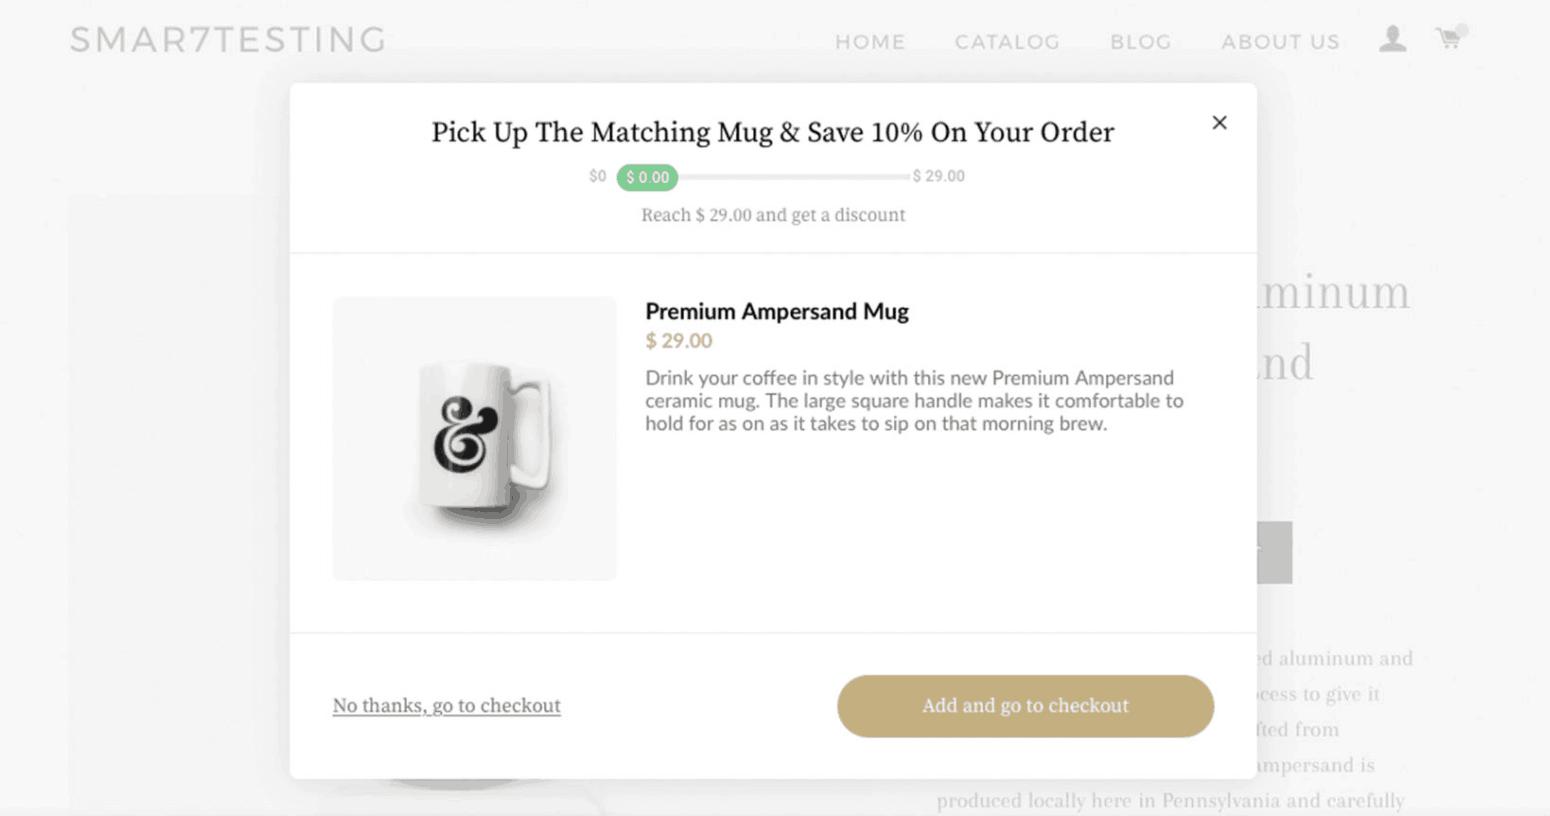 Screenshot showing an upsell offer